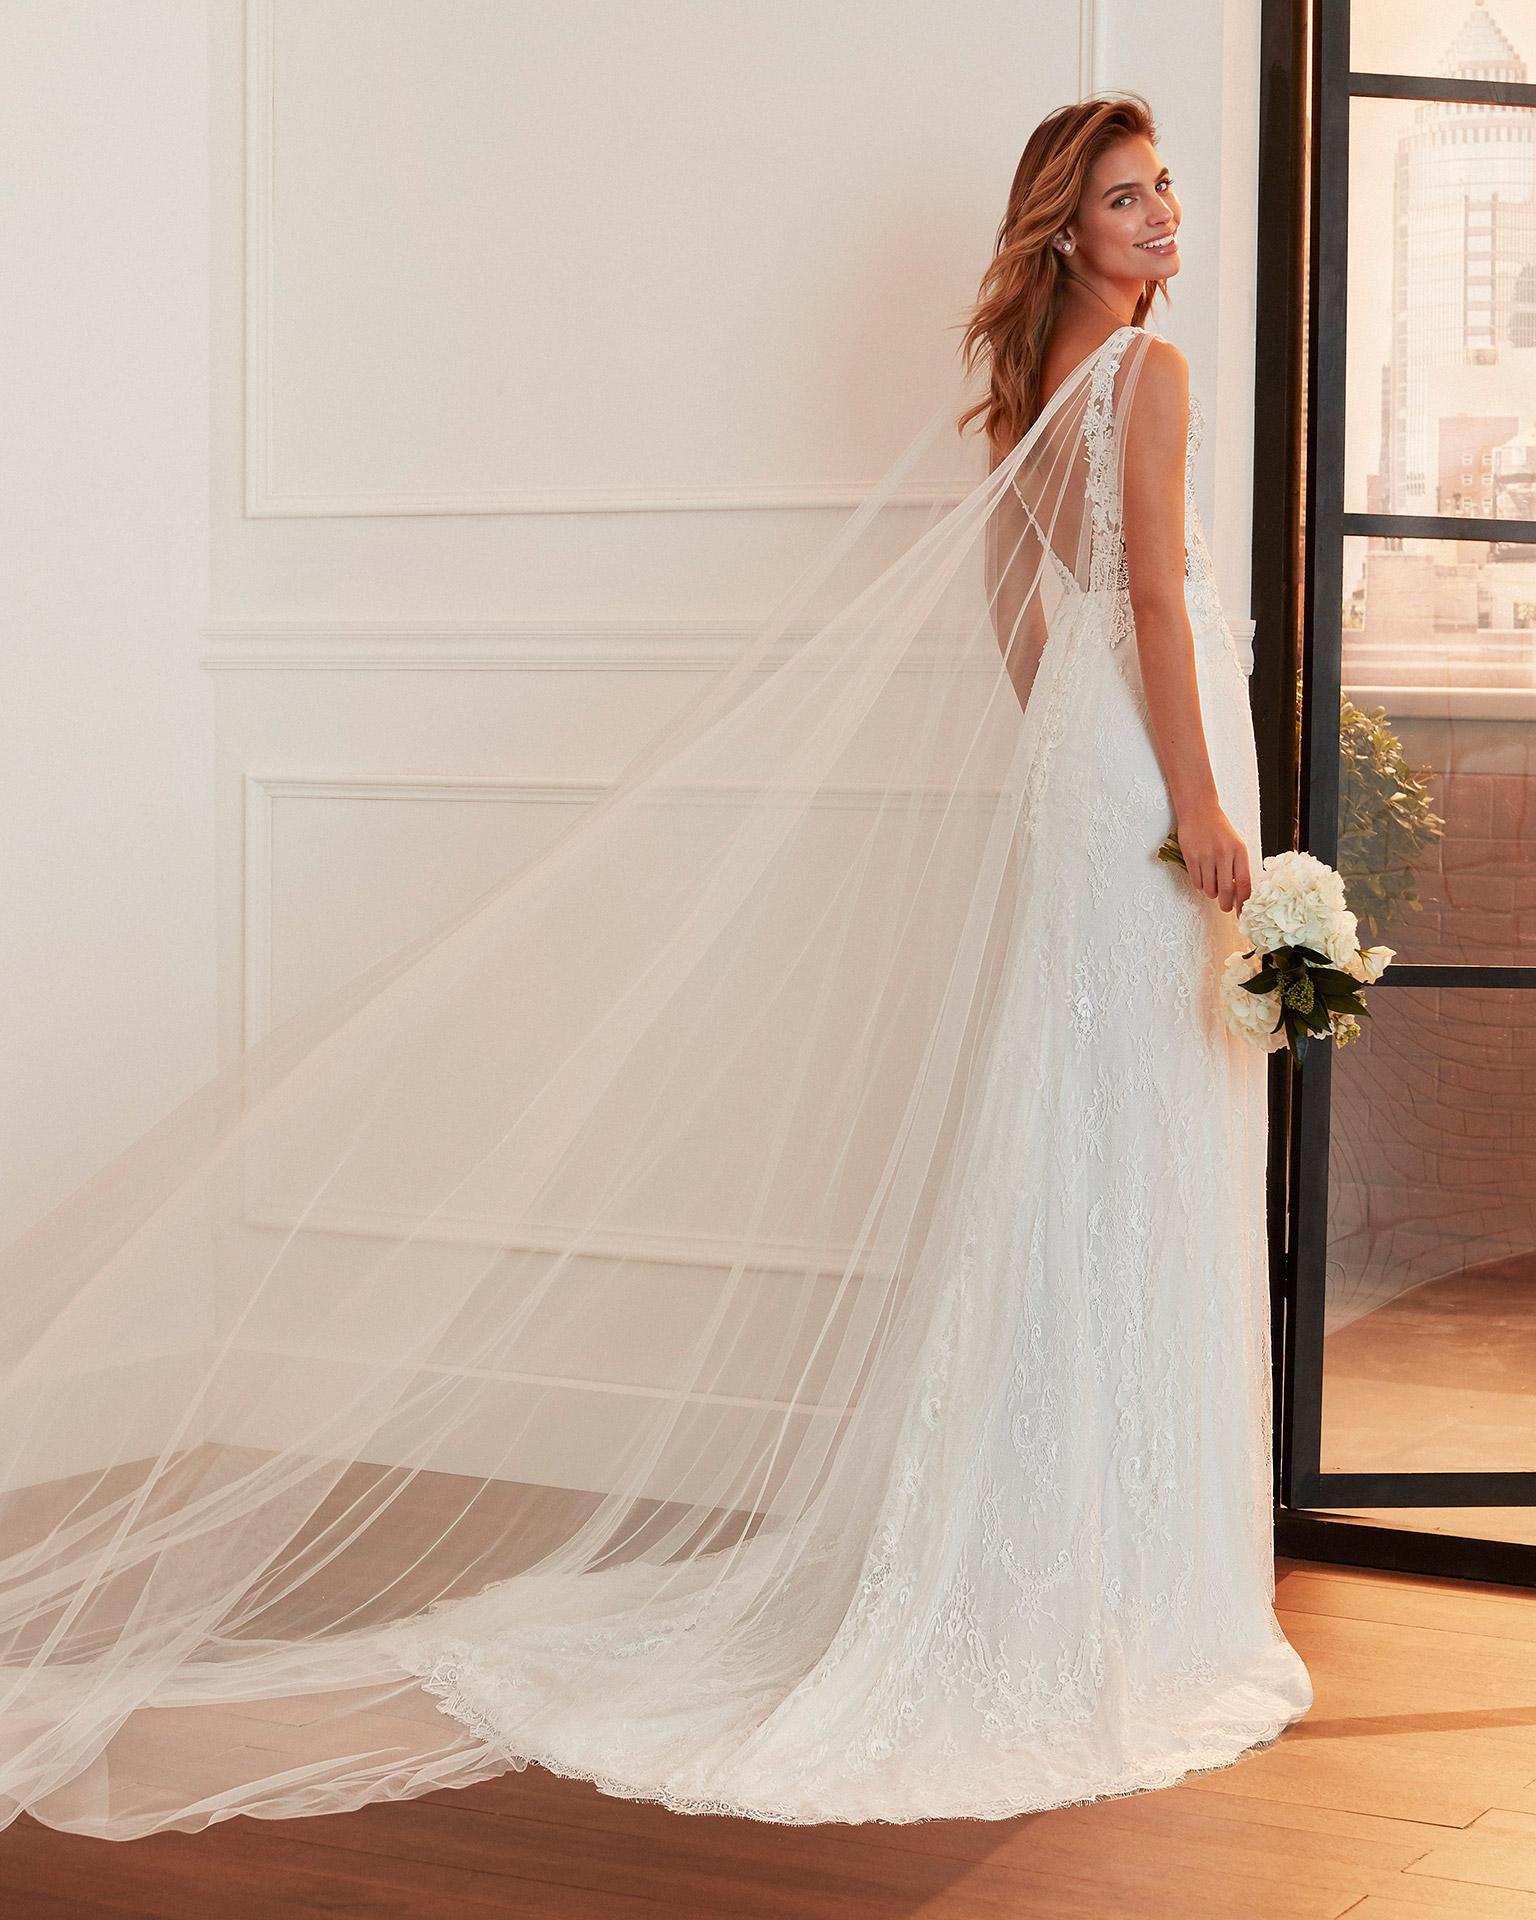 Vestido de novia corte sirena de encaje, tul y pedrería con caídas de tul y espalda escotada en V. Colección  2020.